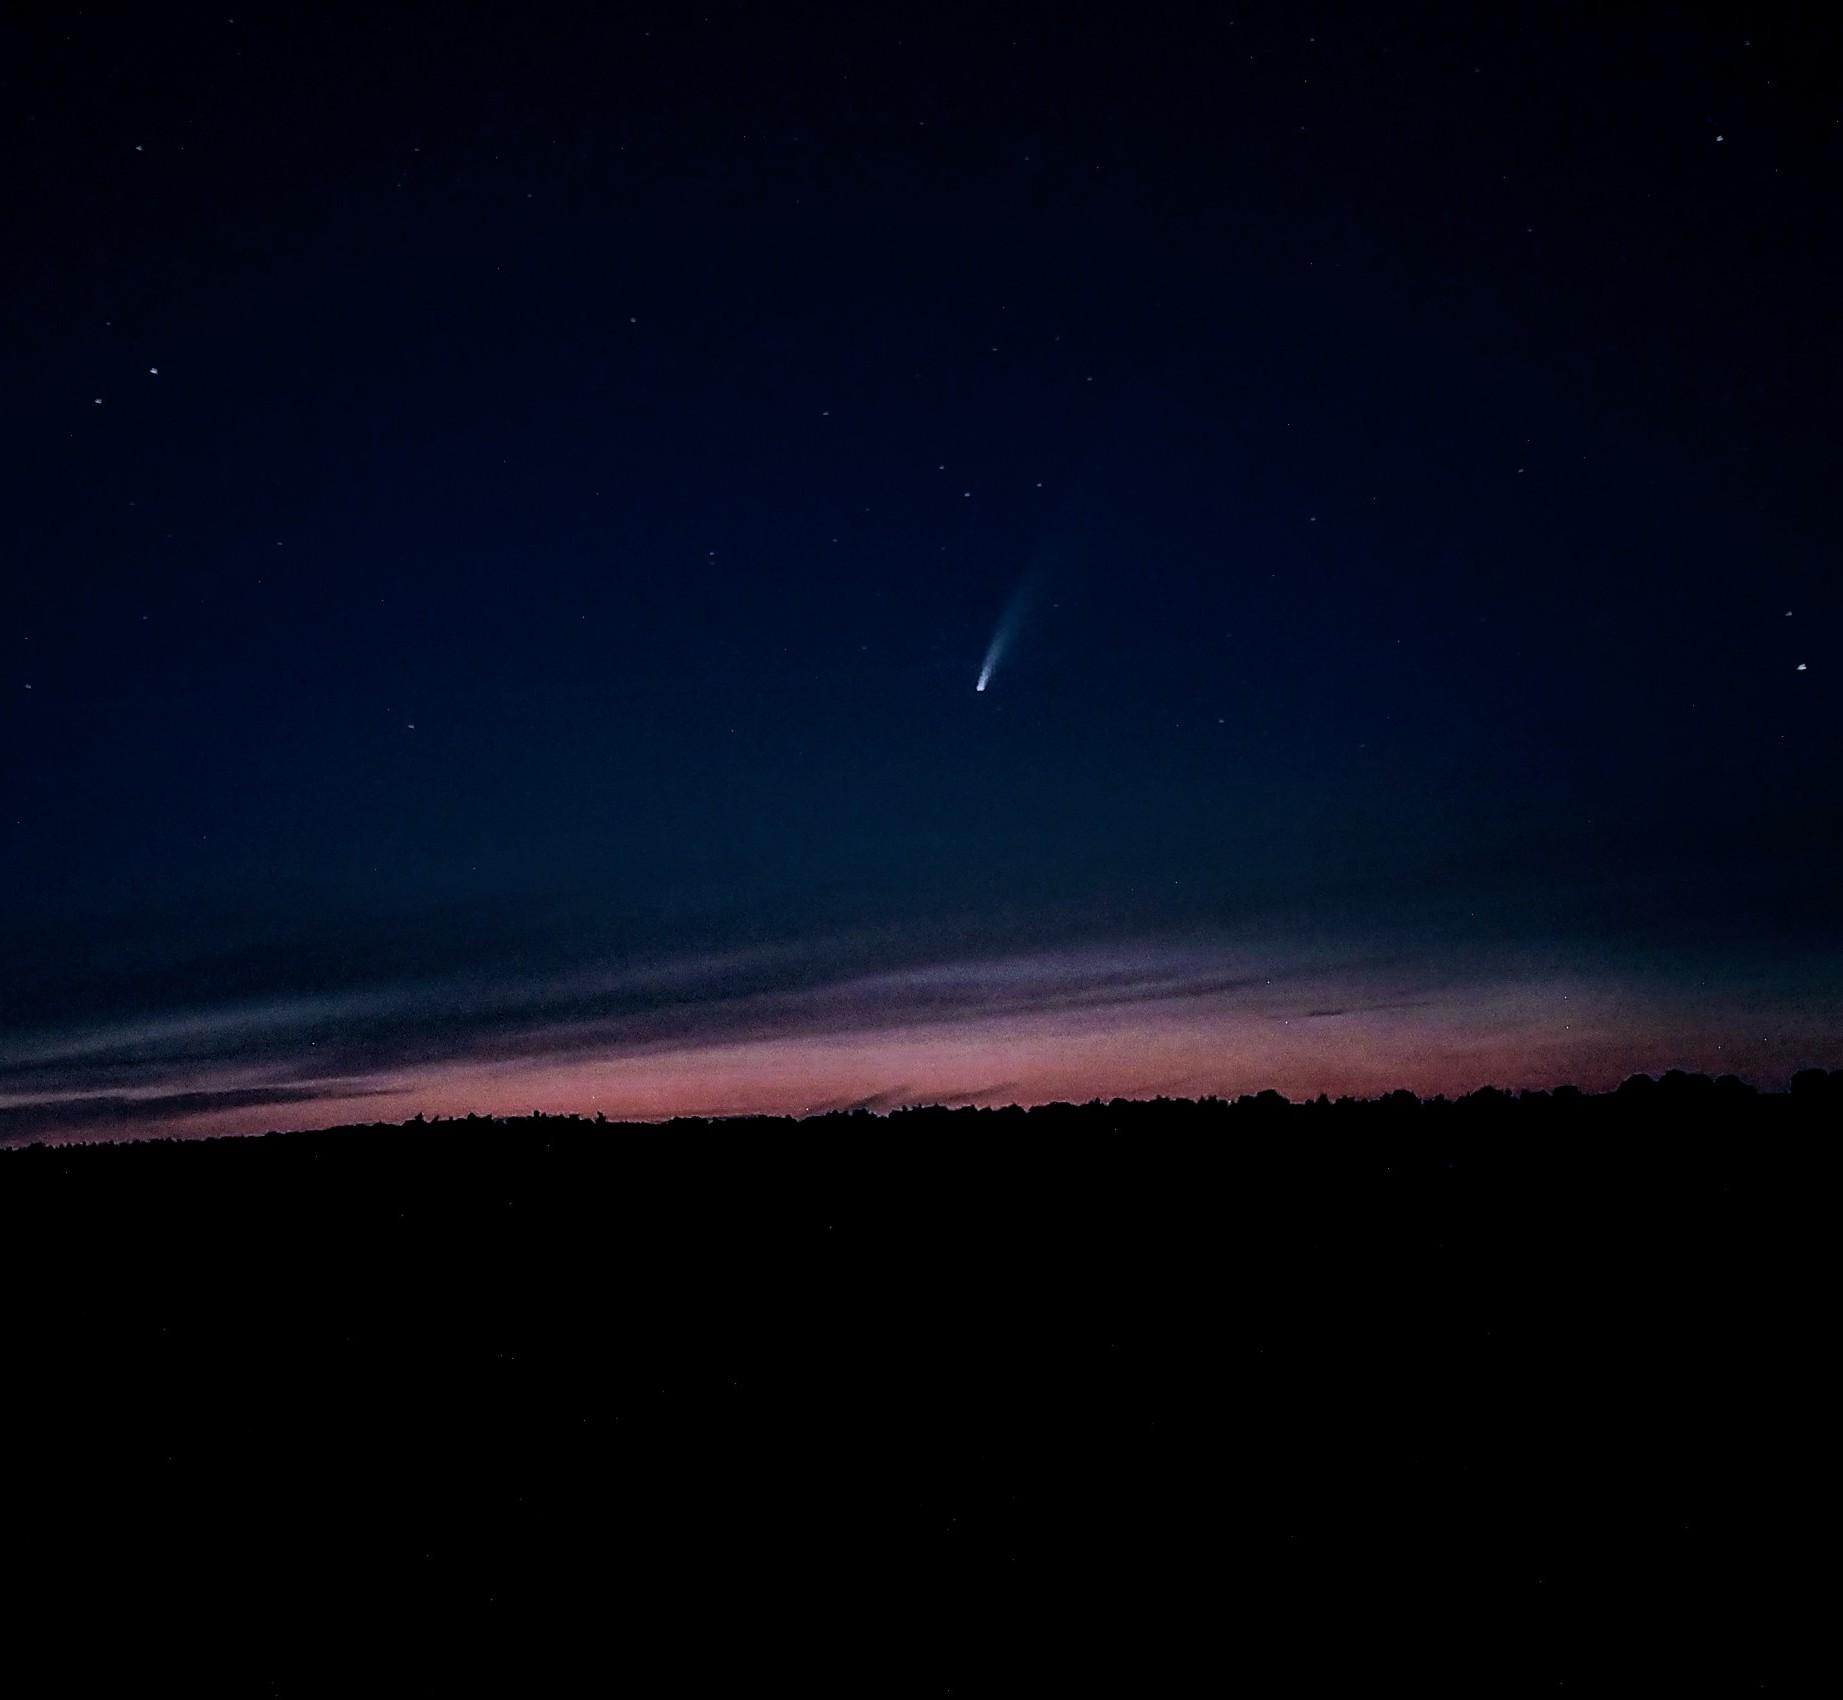 Kometa na nocnym niebie